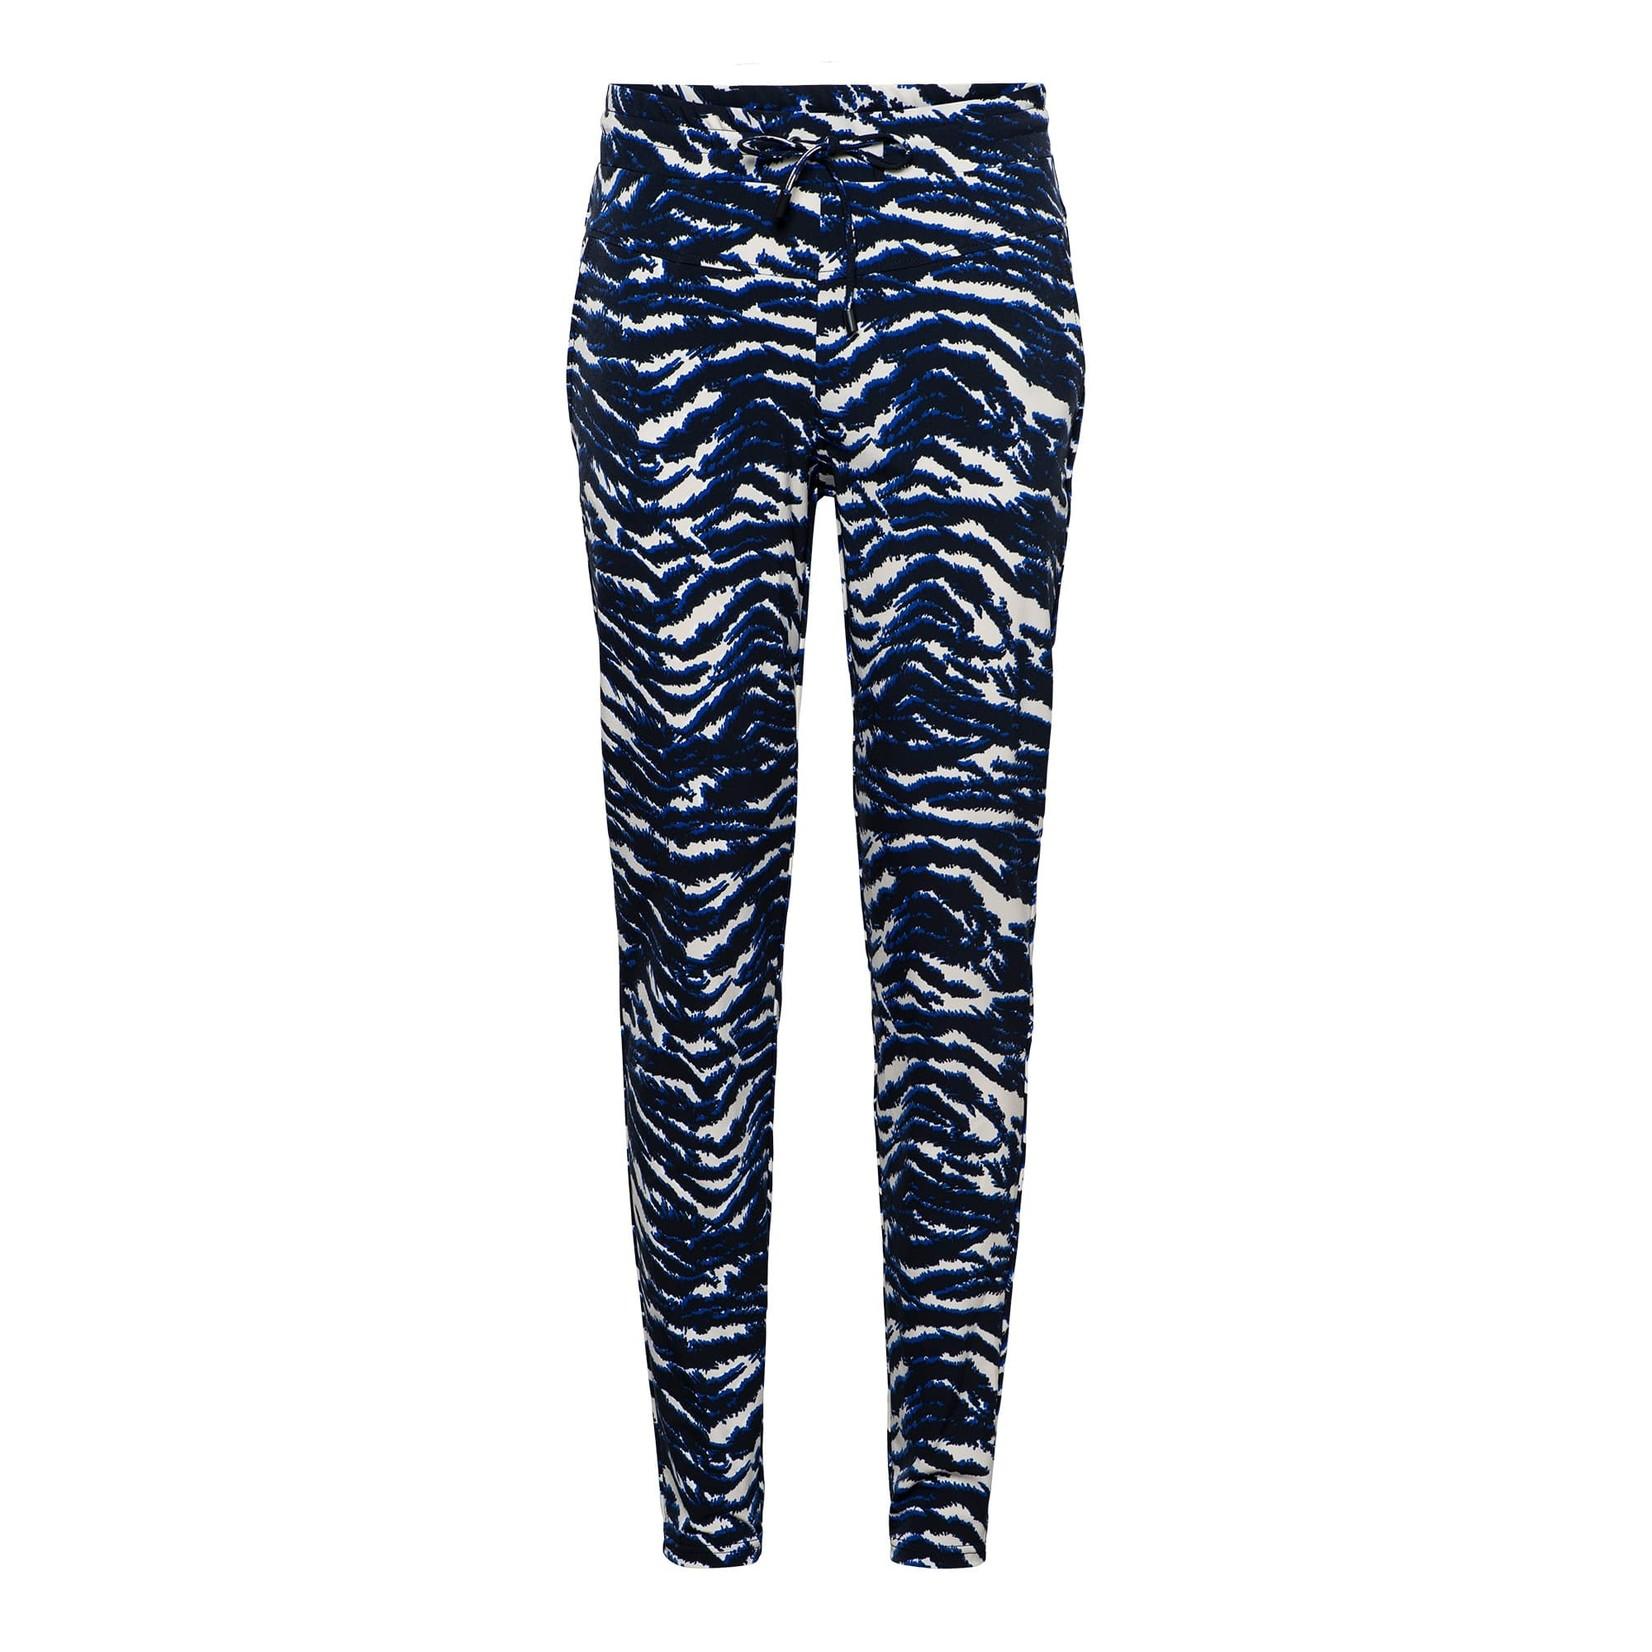 & Co Woman & Co Woman Philly Pants Zebra